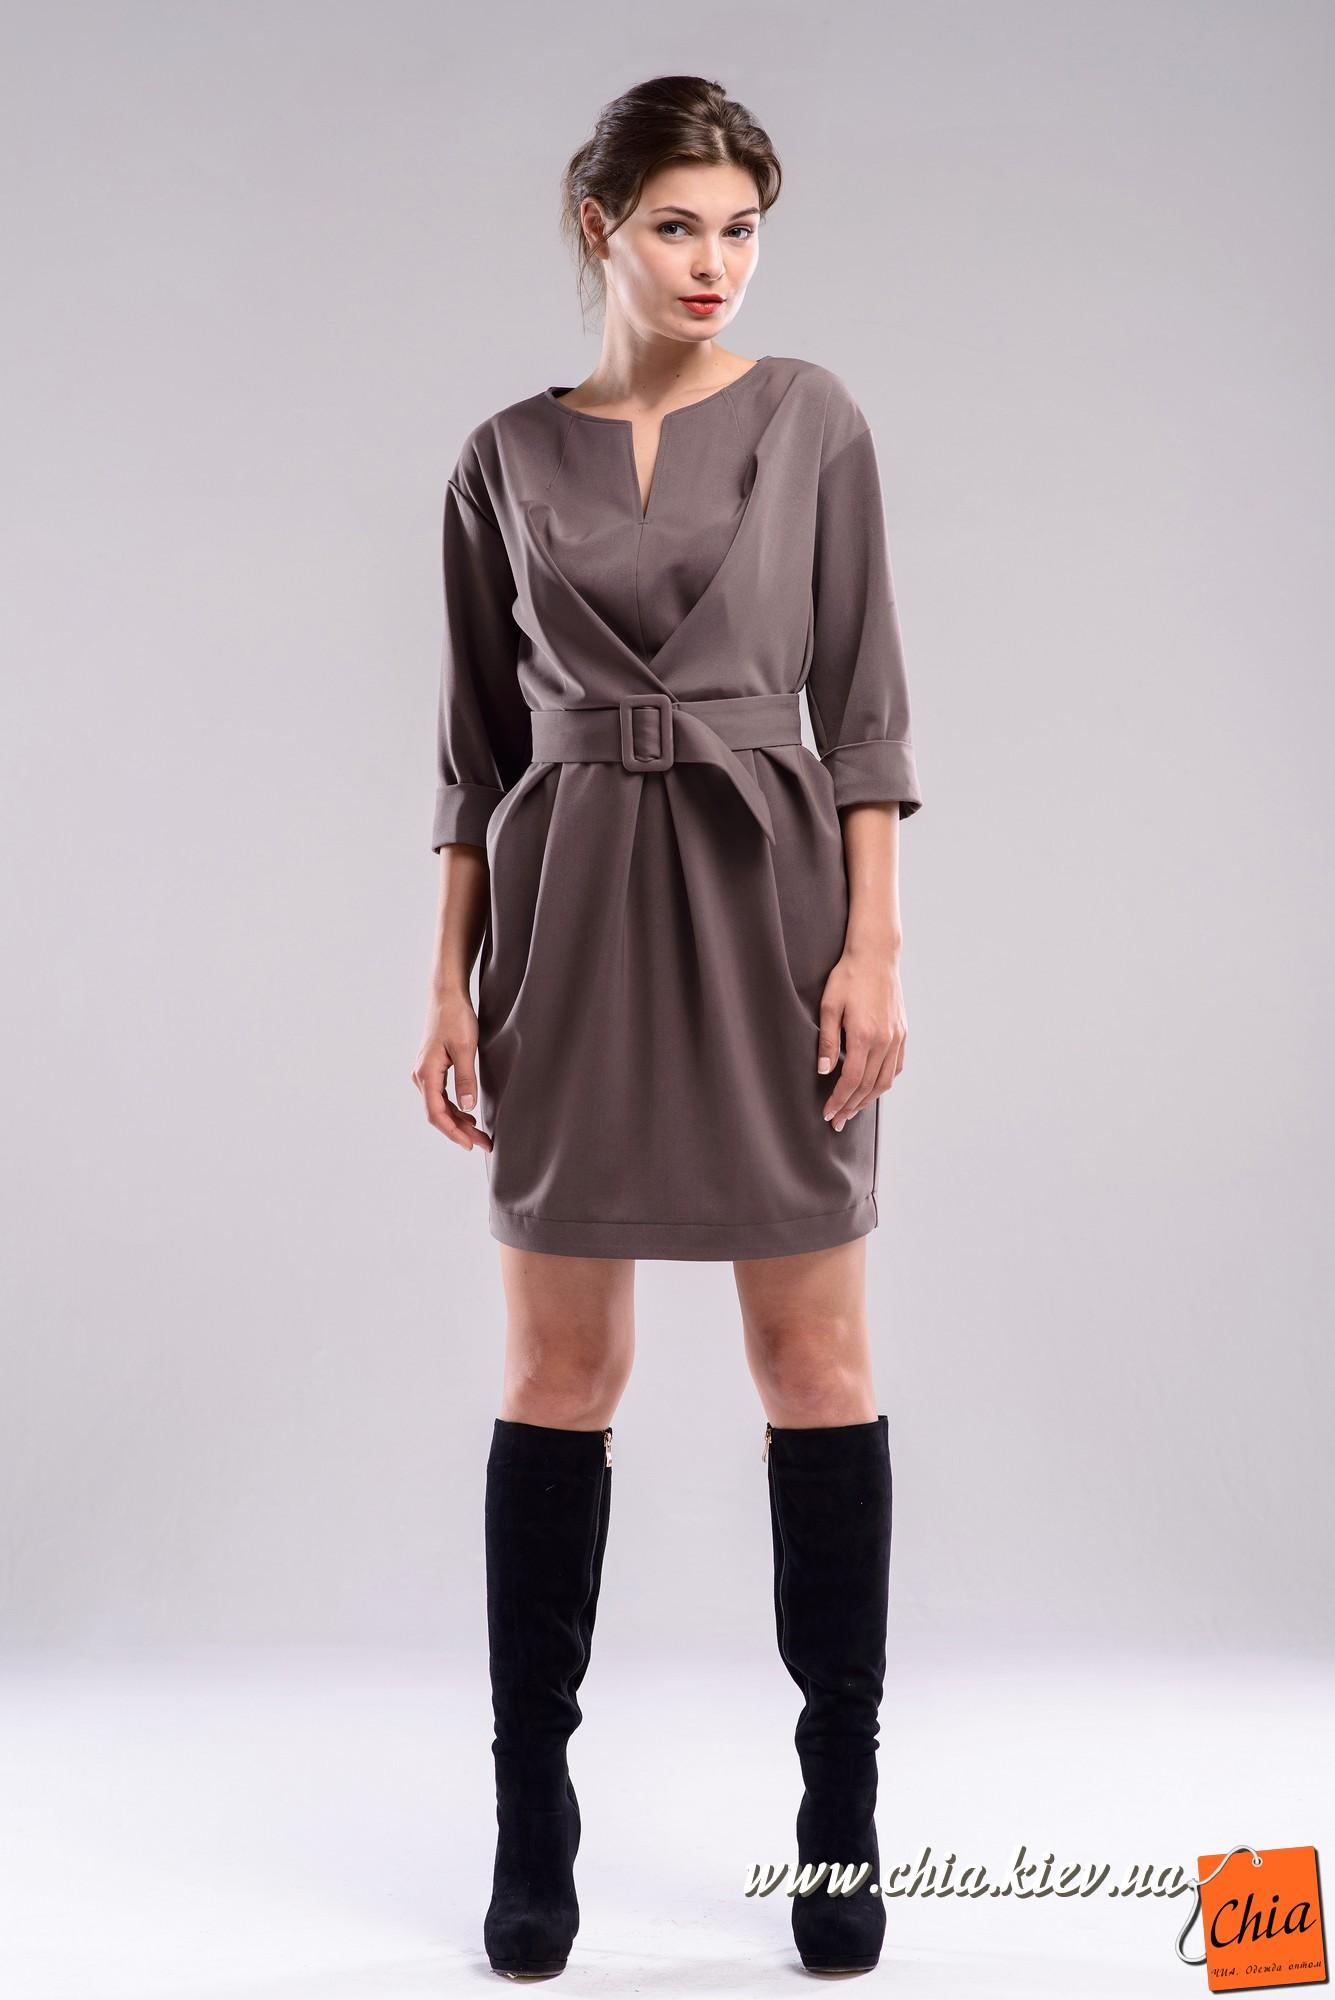 Фото платьев сложного кроя